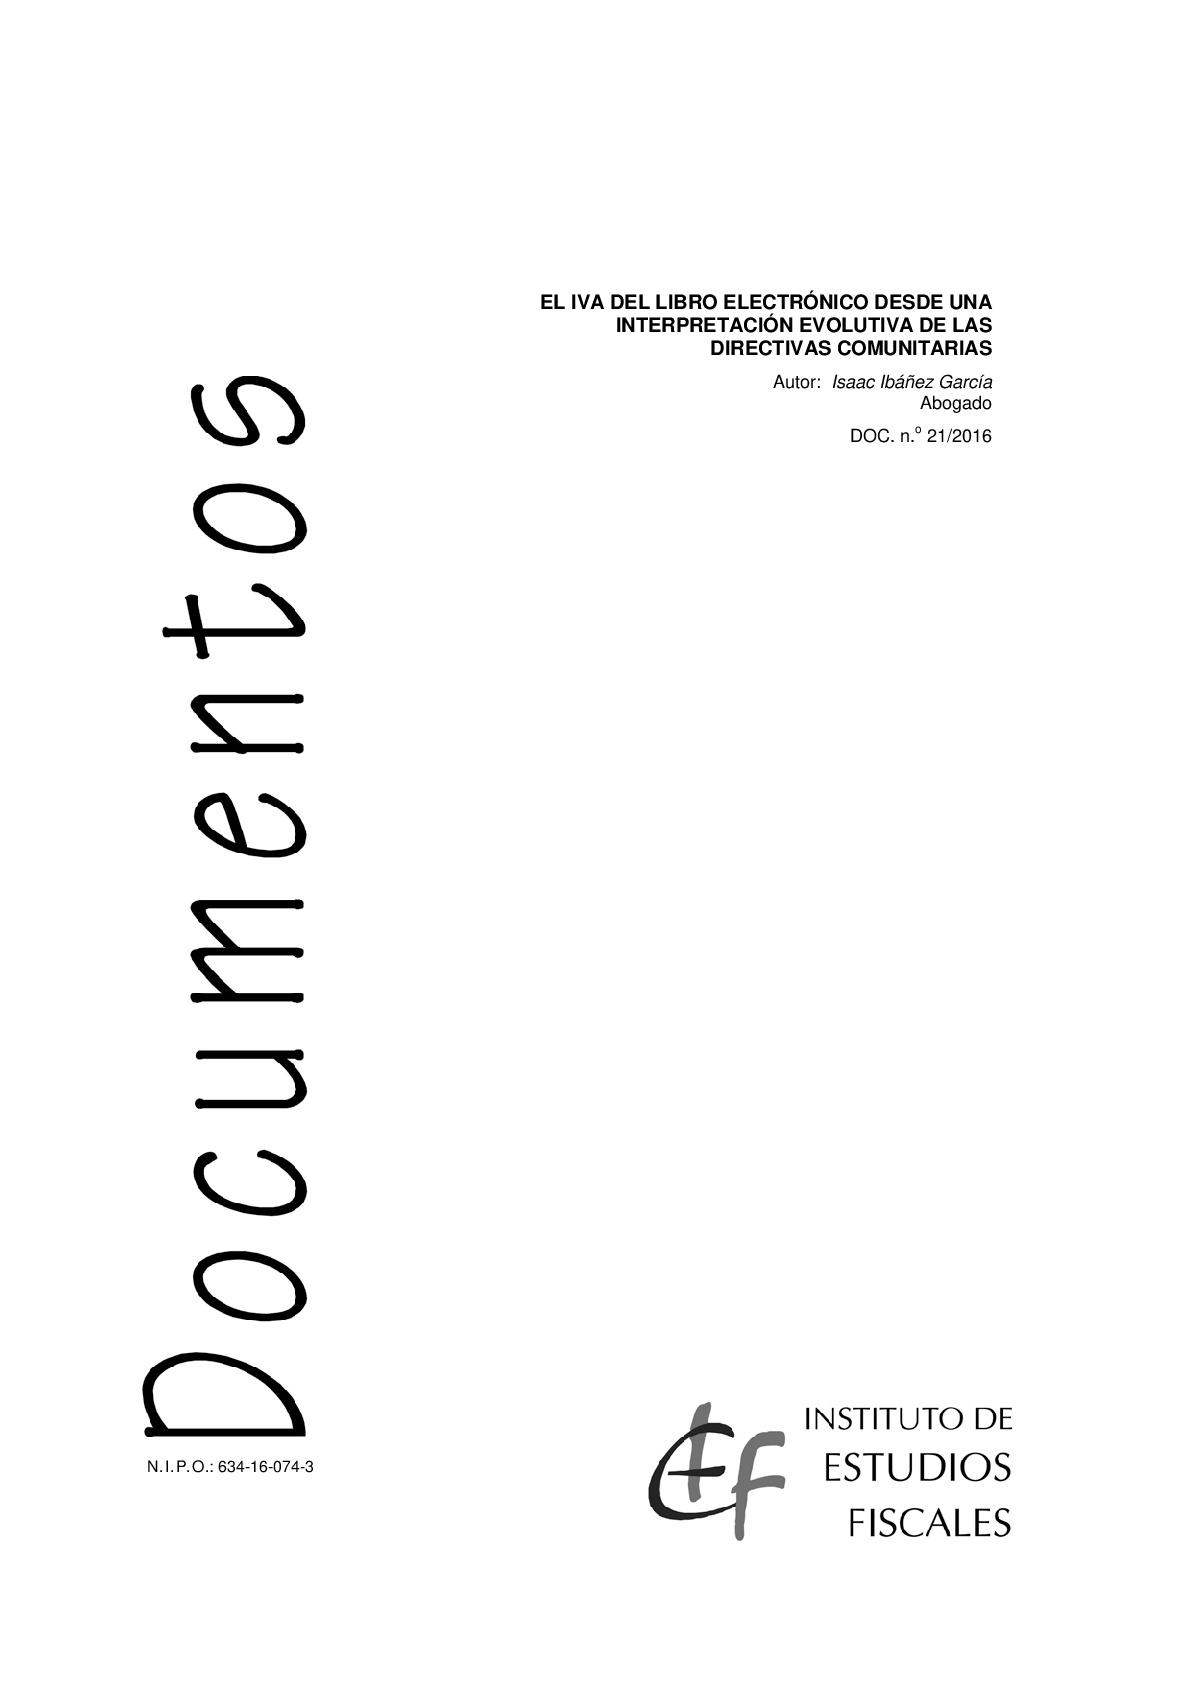 El IVA del libro electrónico desde una interpretación evolutiva de las directivas comunitarias